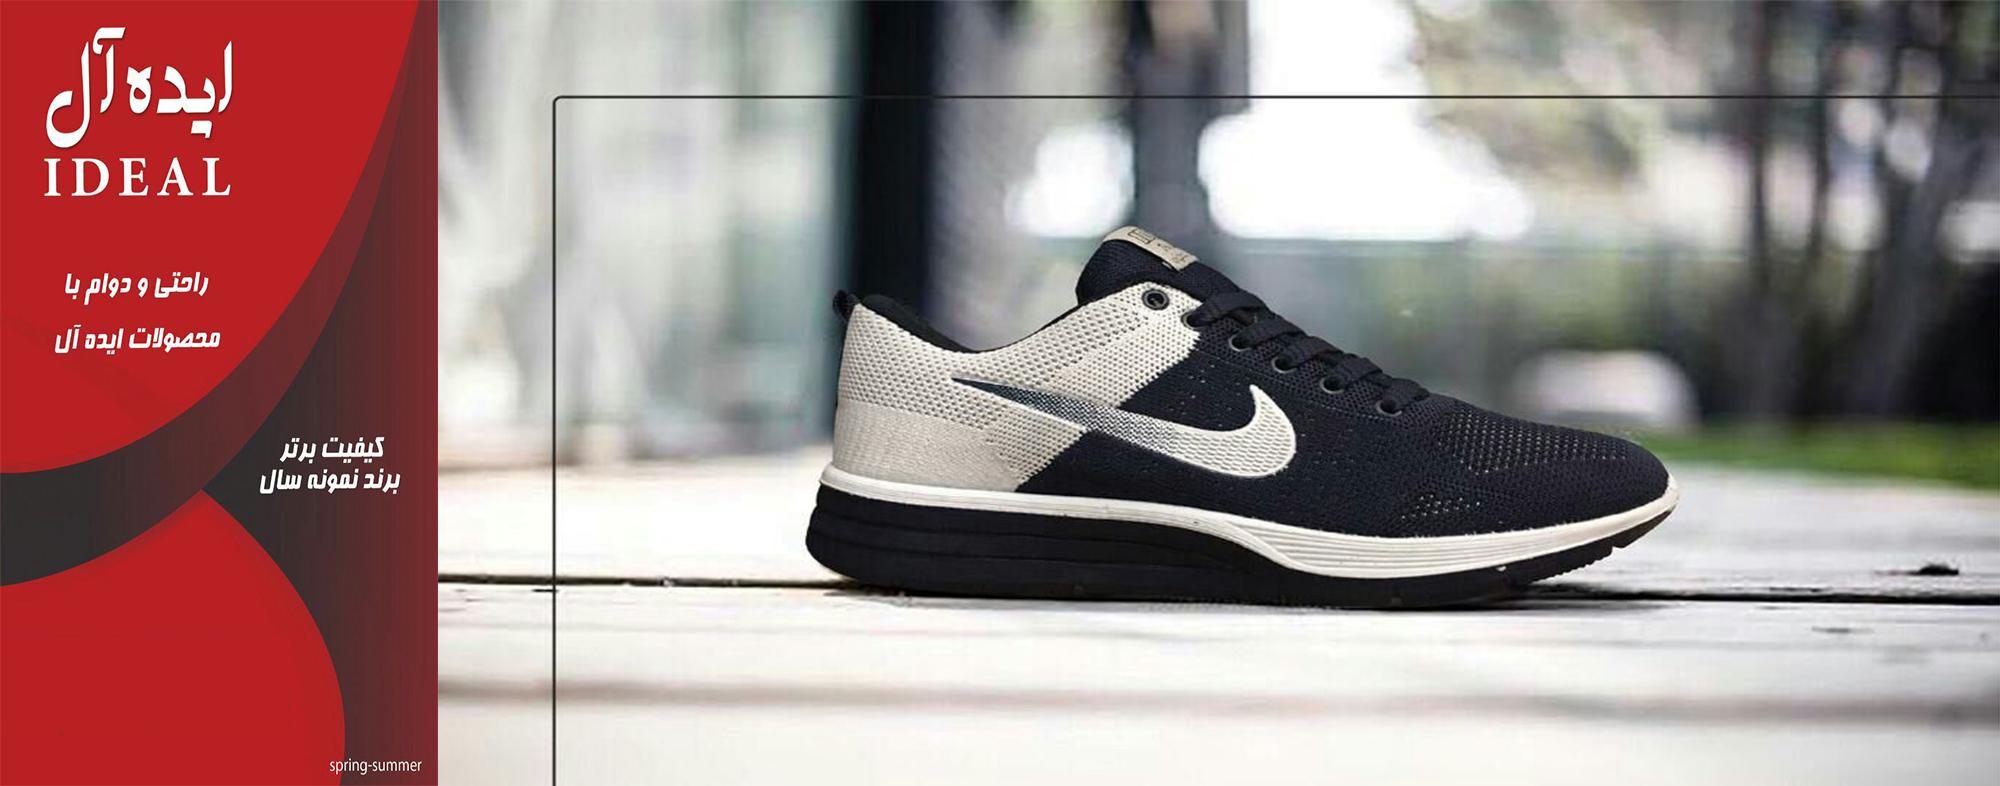 کفش ایده آل